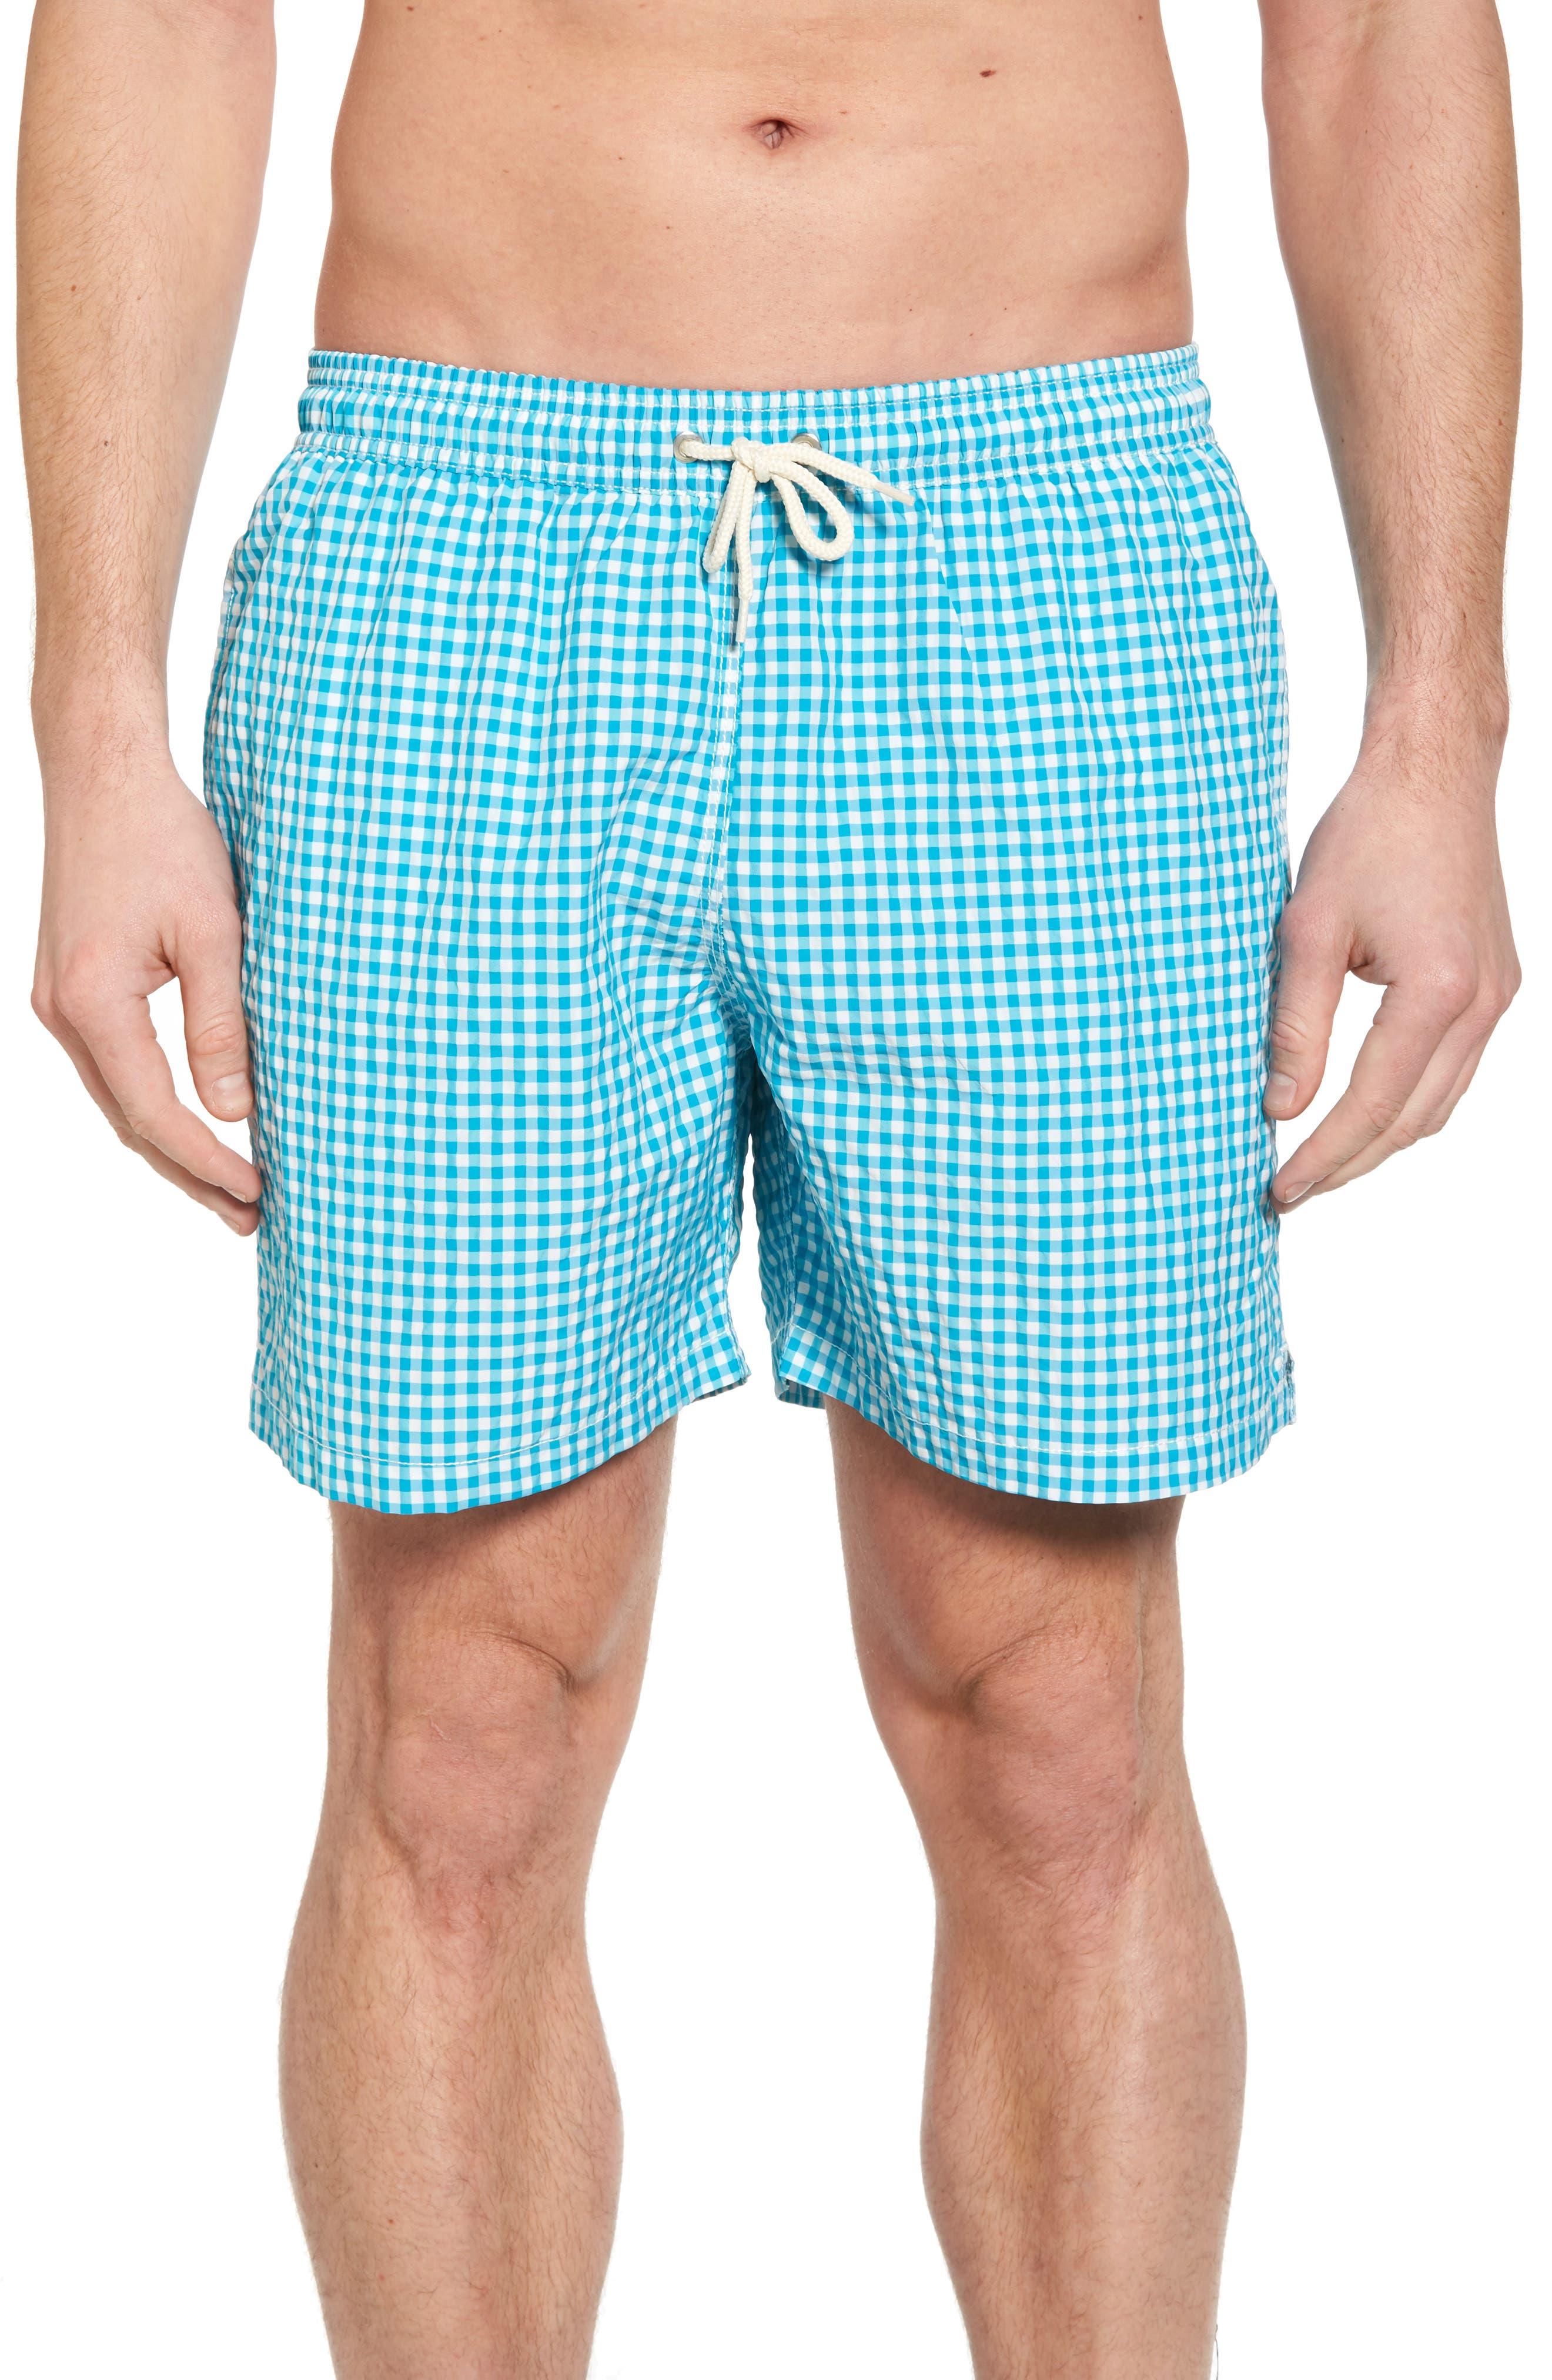 Gingham Check Swim Trunks,                         Main,                         color, Aqua